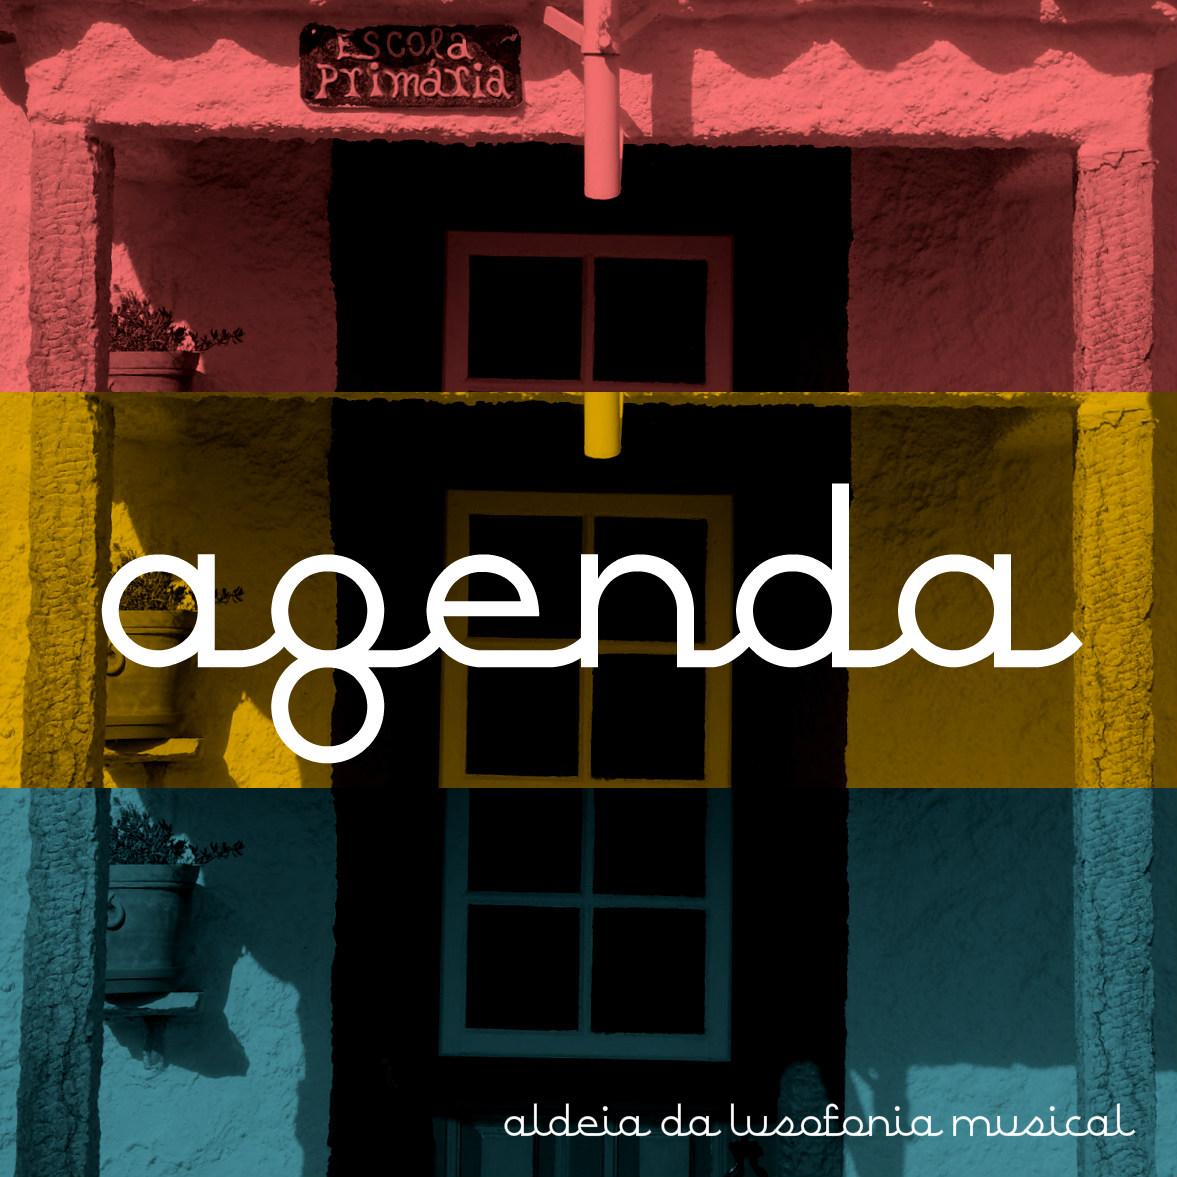 aldeia da lusofonia musical agenda